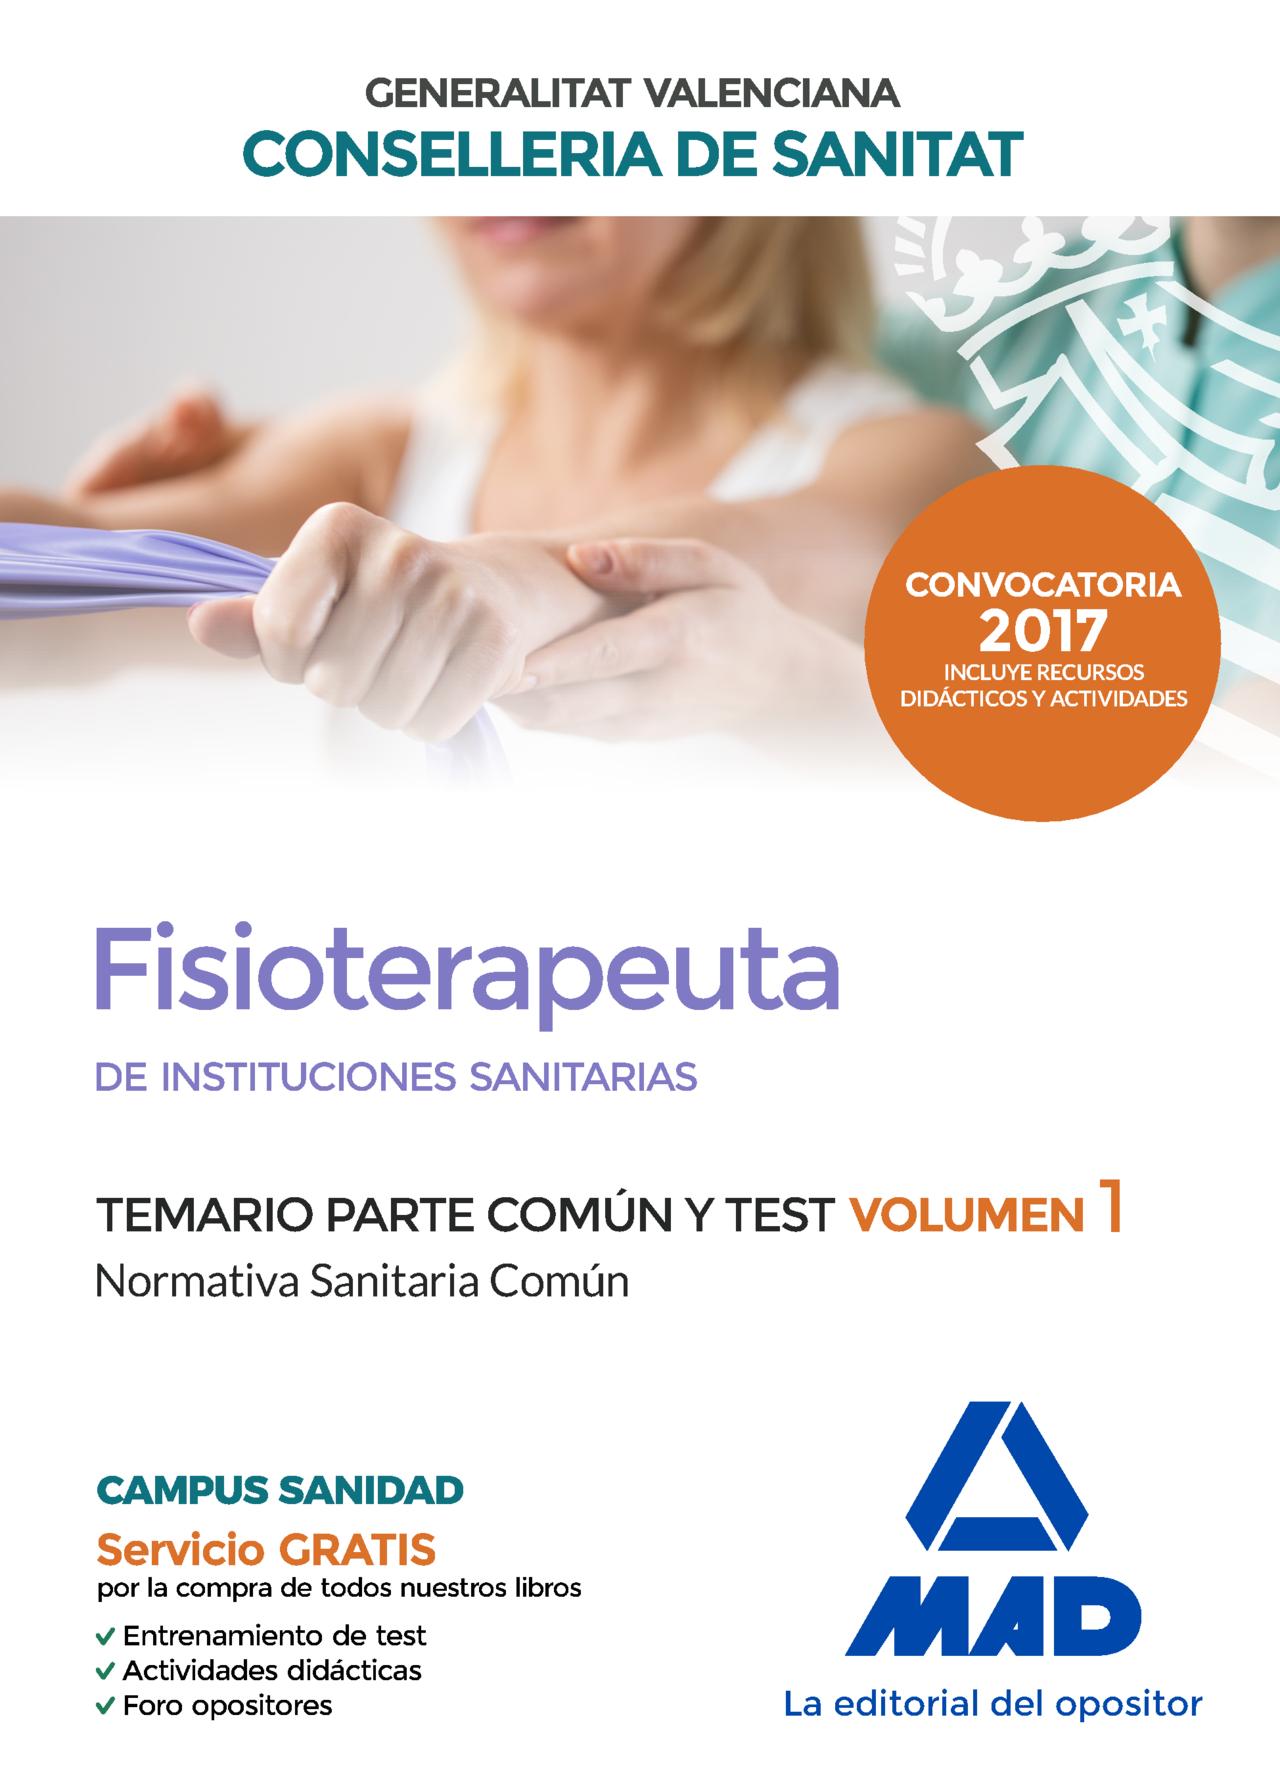 fisioterapeuta de las instituciones sanitarias de la conselleria de sanitat de la generalitat valenciana. temario parte común y-9788414207208